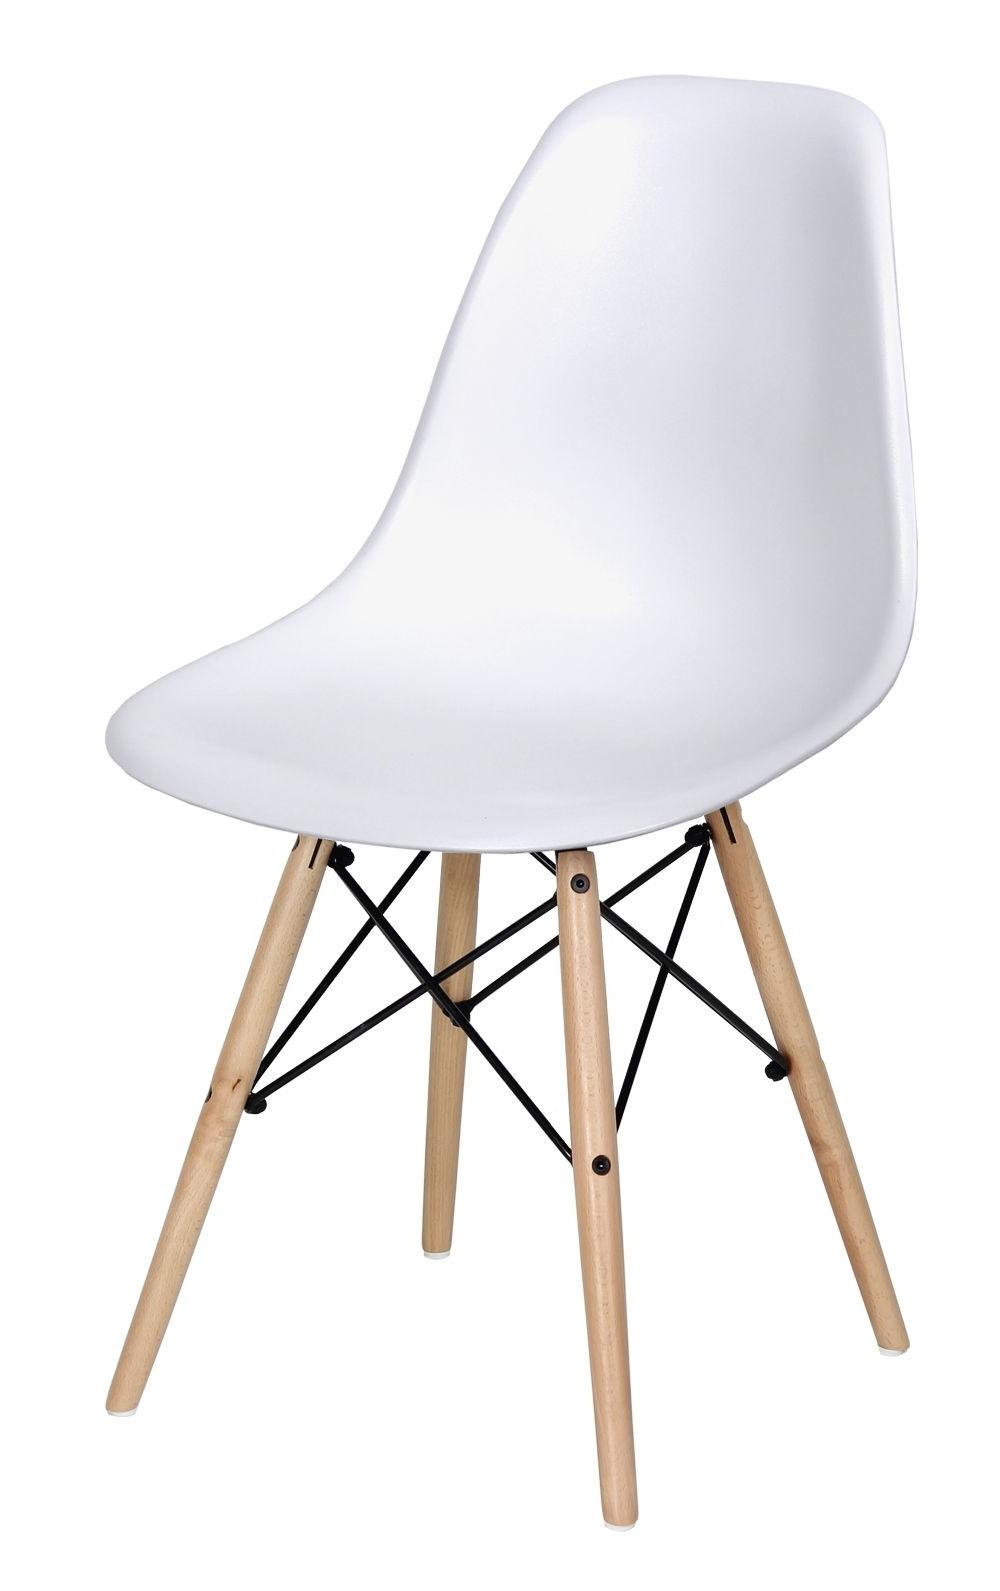 Famous Eames Chaises For Chaise Dsw 89€ Et Livraison Gratuite Sous 10 Jours (View 2 of 15)